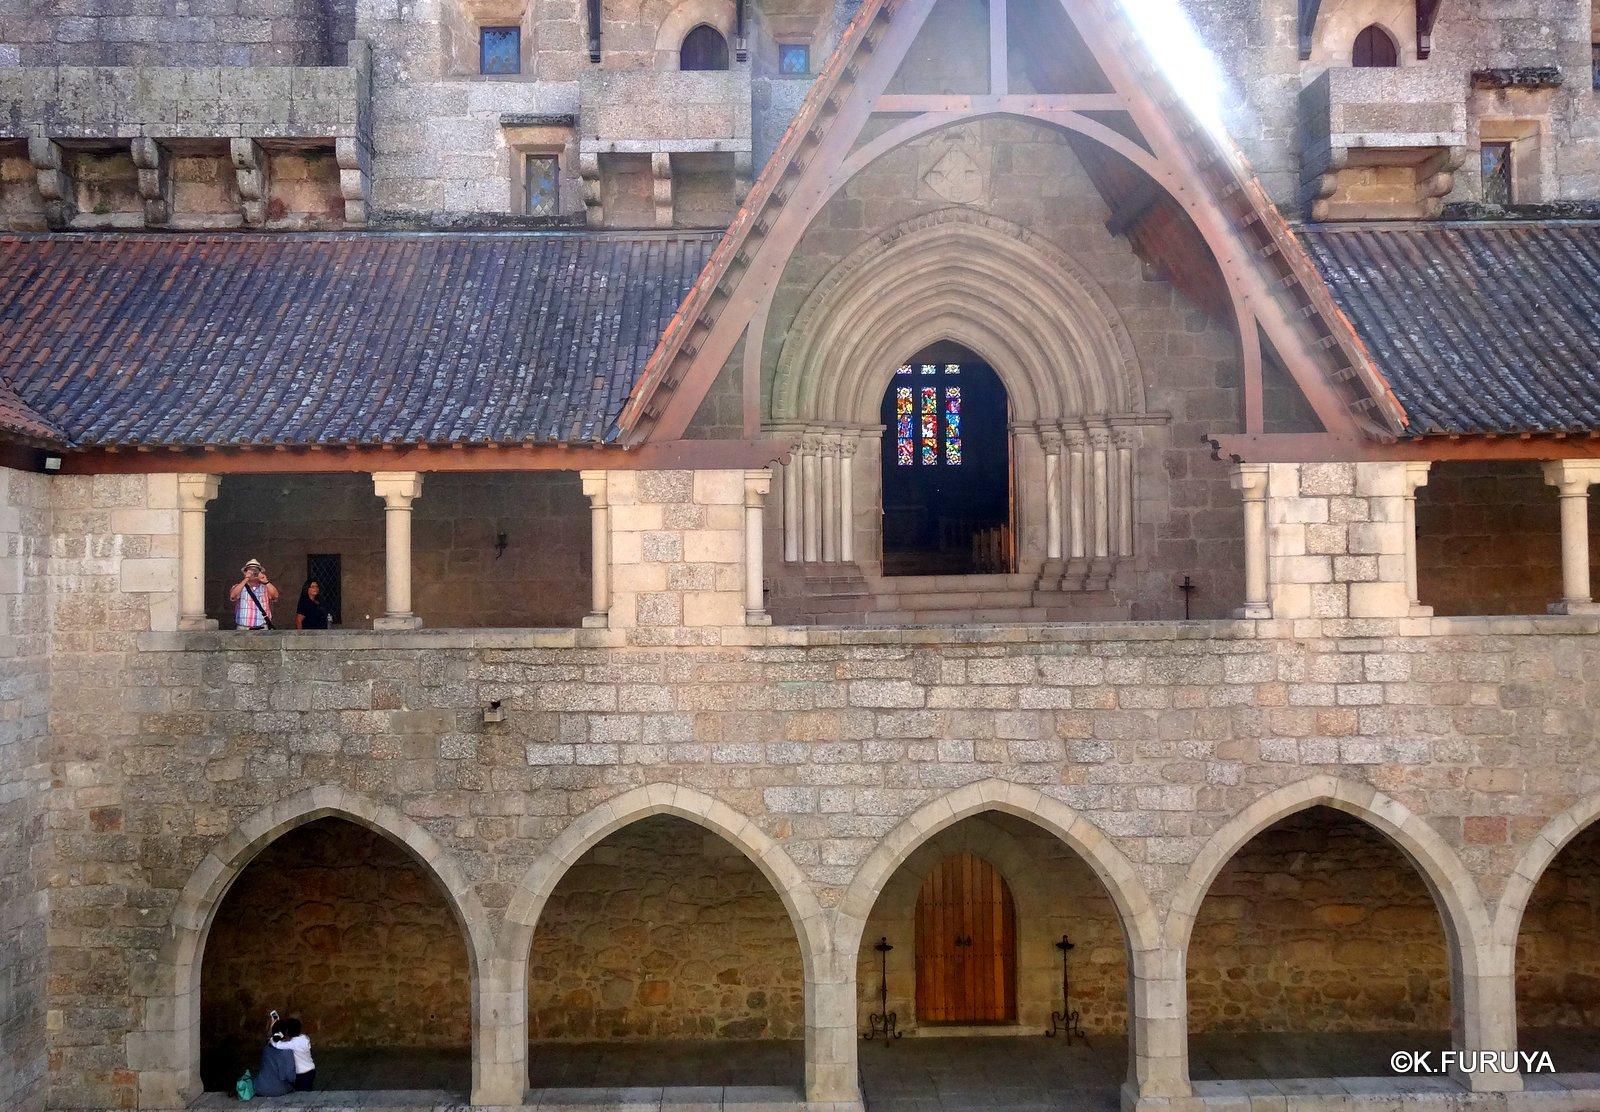 ポルトガル旅行記 11 ポルトガル発祥の地 ギマランイス_a0092659_1534512.jpg